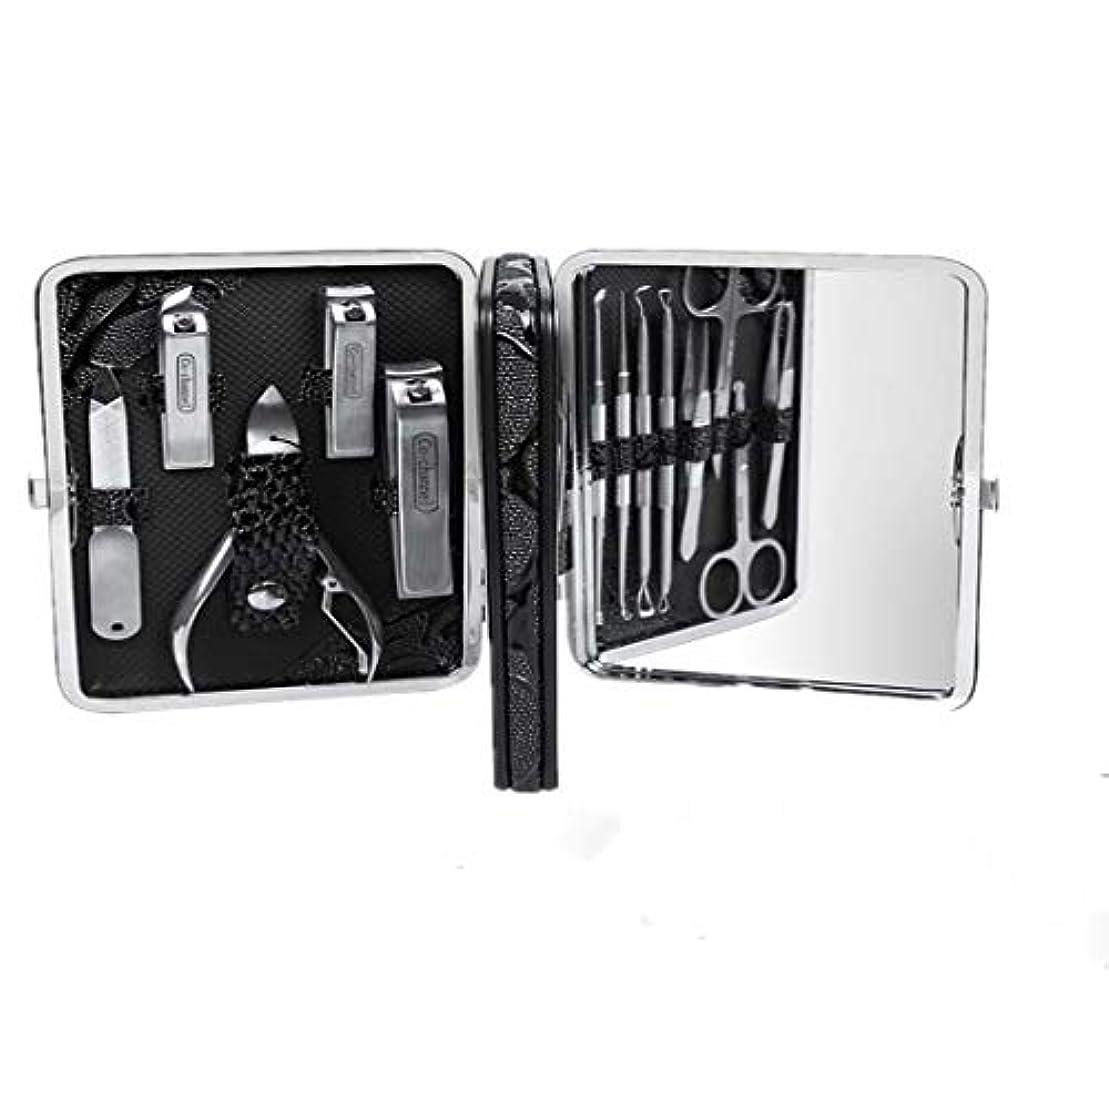 Kainuoo ネイルツールイーグルマウスペンチペディキュアツール、ネイルギフトミラーステンレススチールネイルツールセット、ネイルセット21個、1袋 (Color : Bright black)